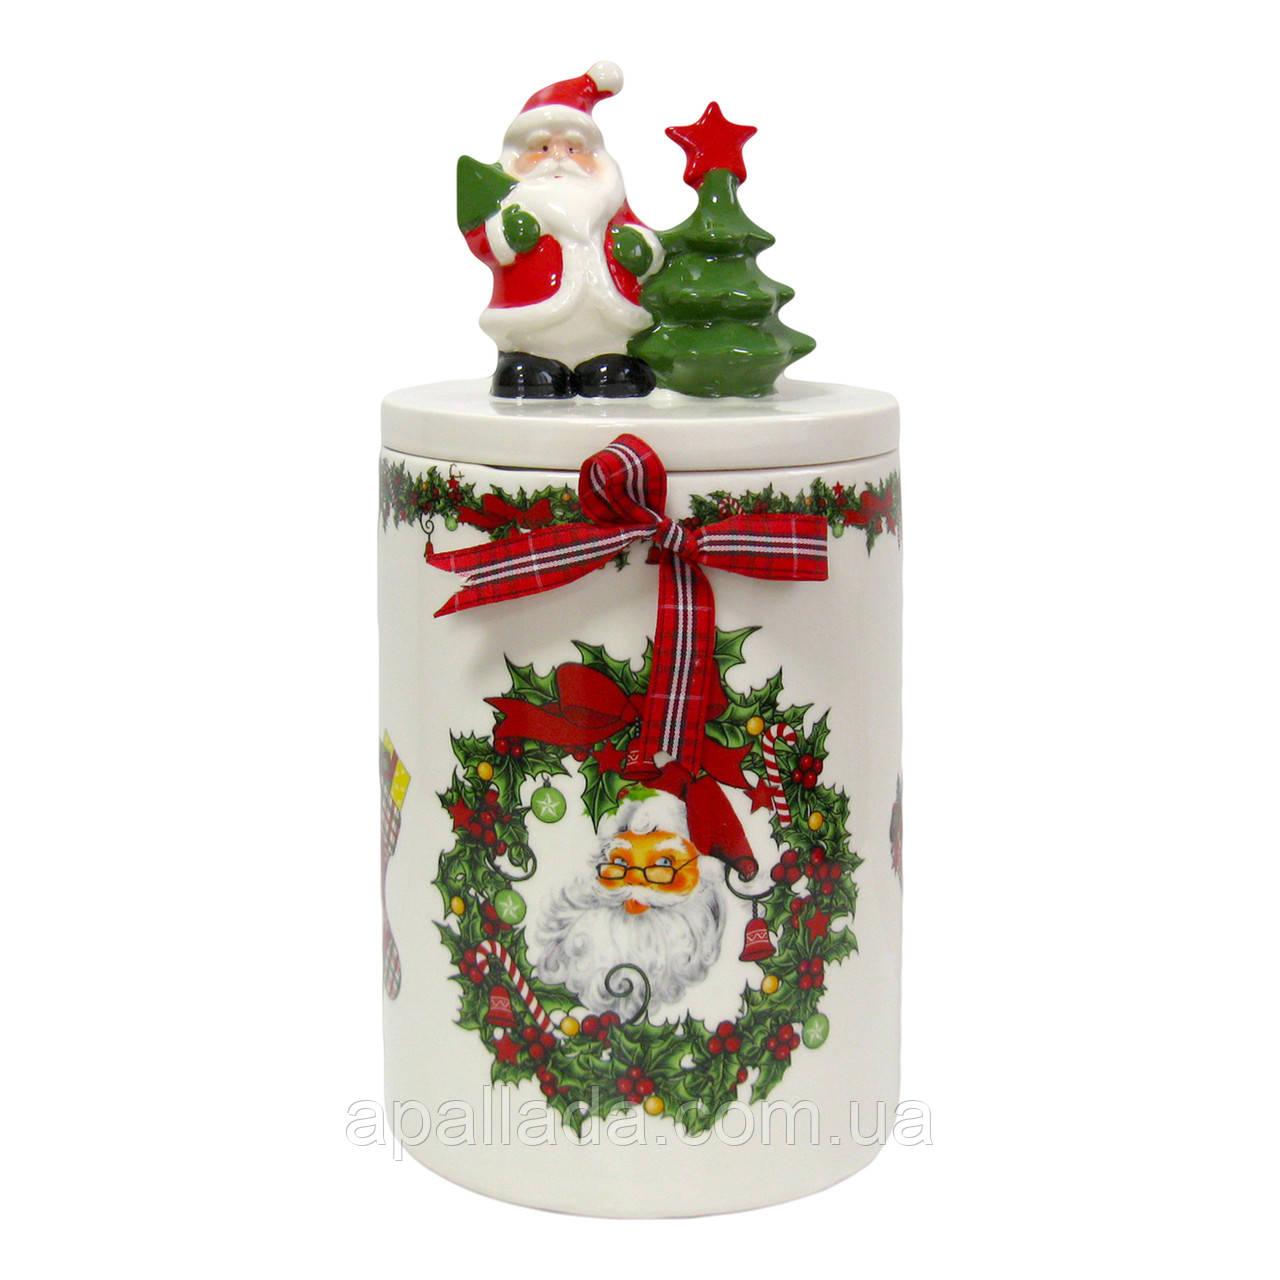 Банка керамическая для хранения сладостей 33х15см Санта с елкой